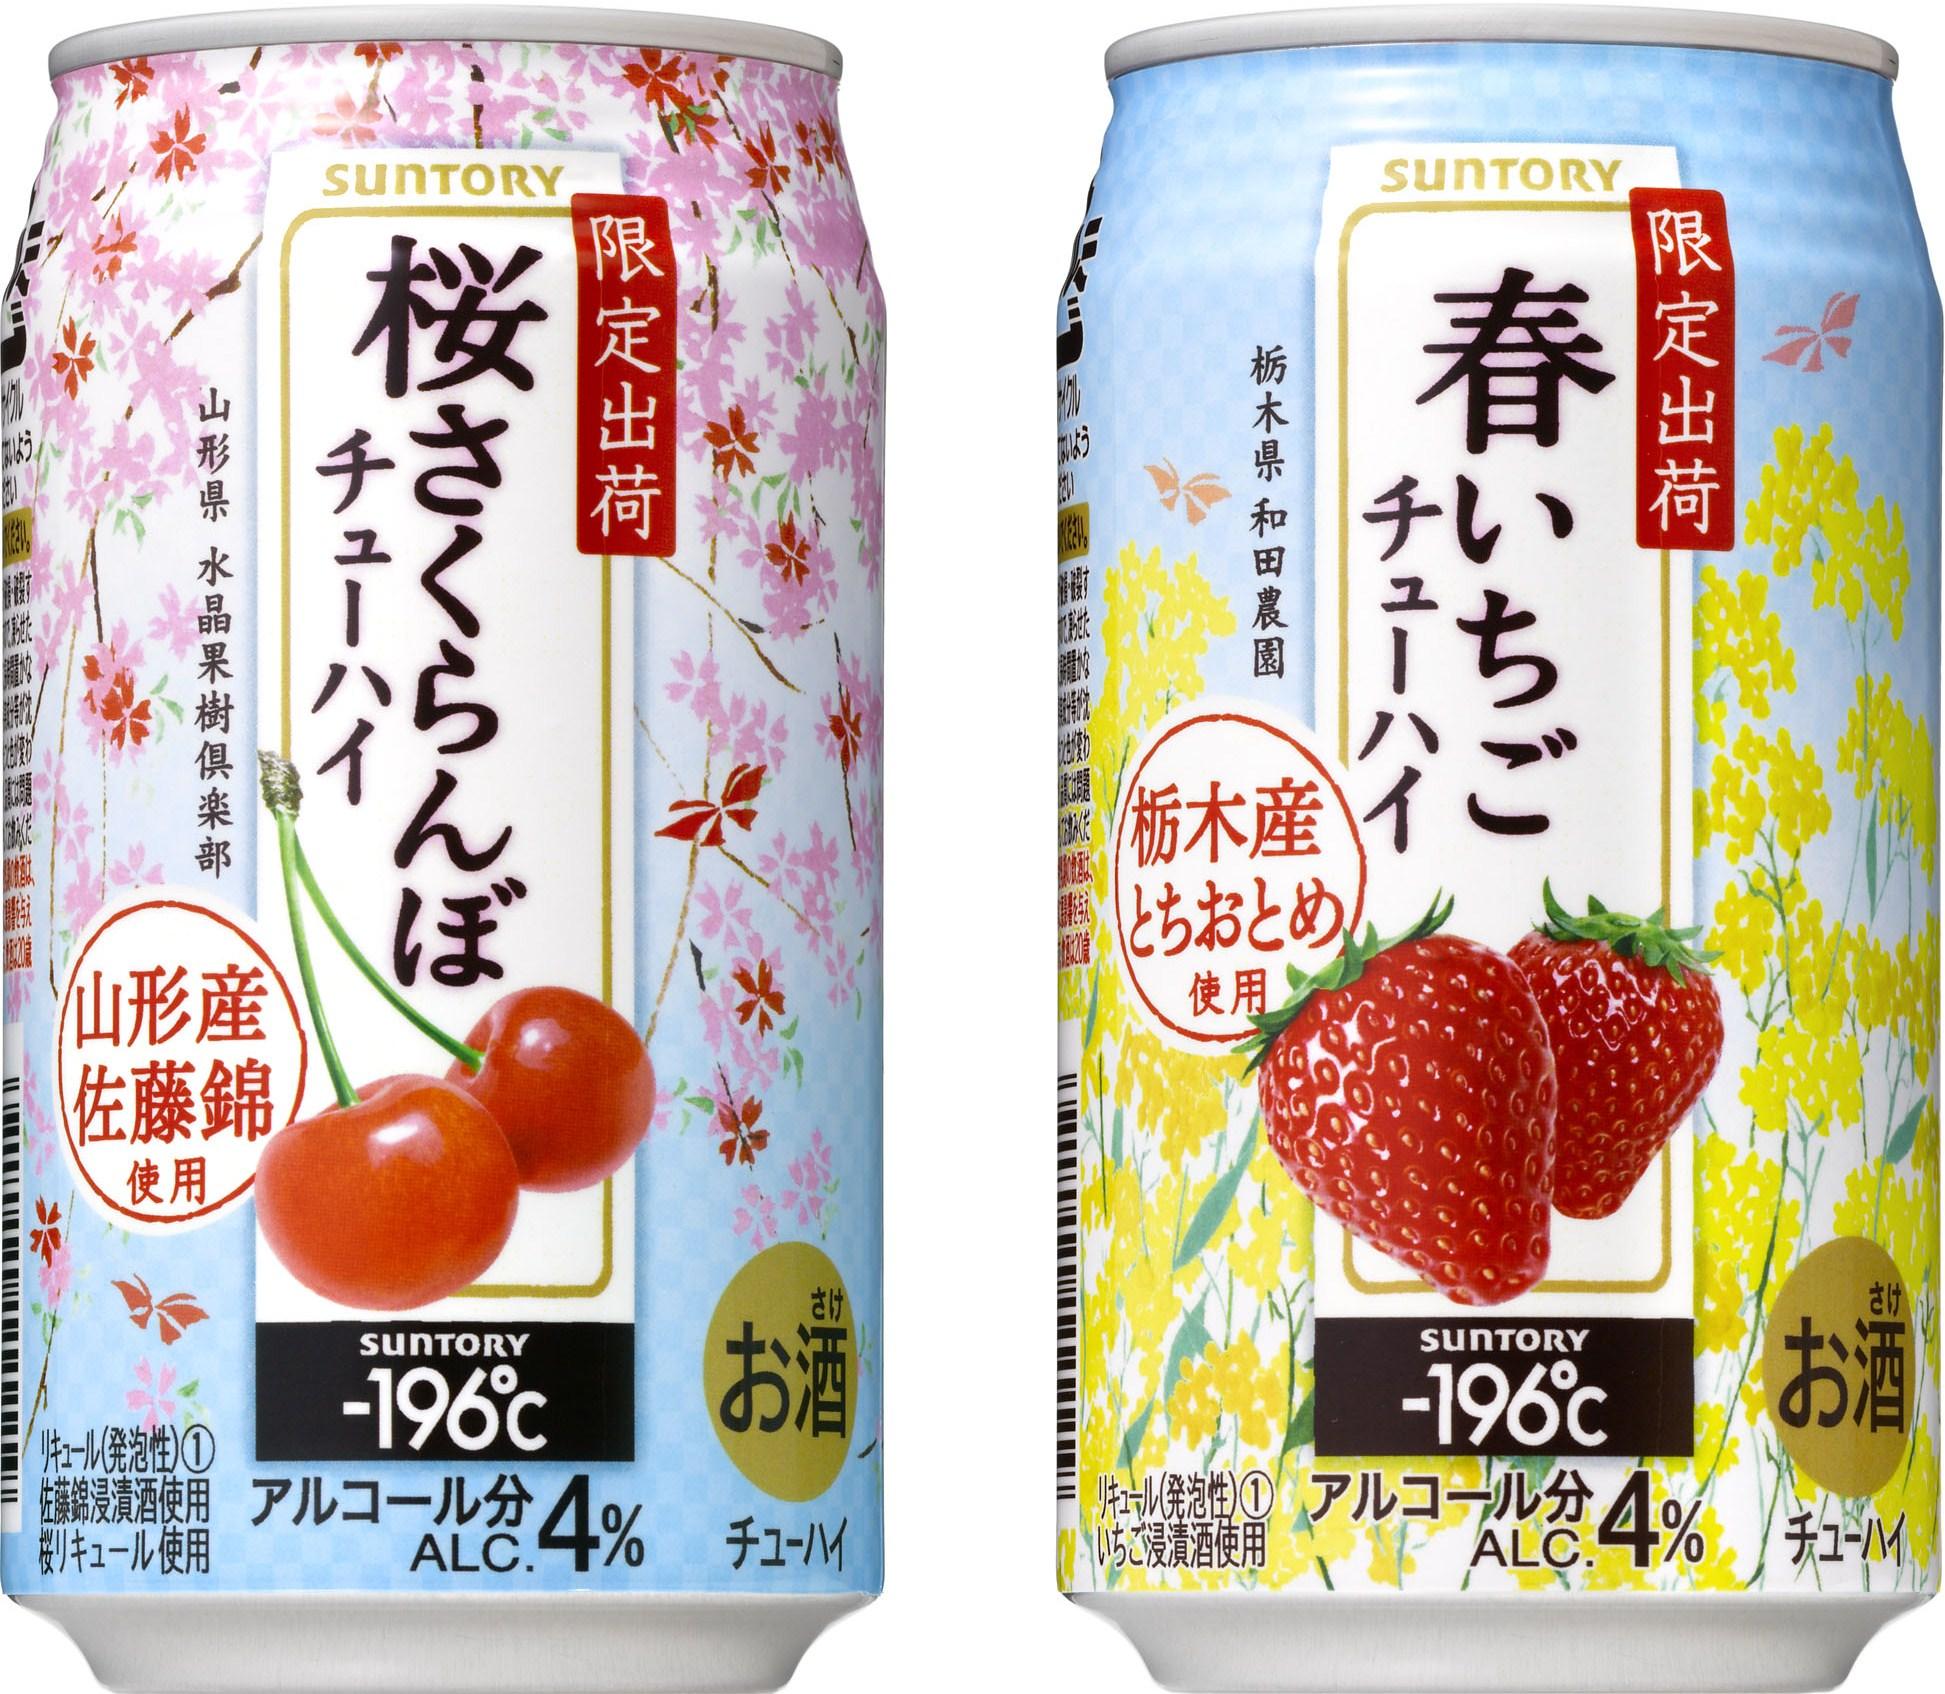 「-196℃〈桜さくらんぼ〉」(左)と「-196℃〈春いちご〉」